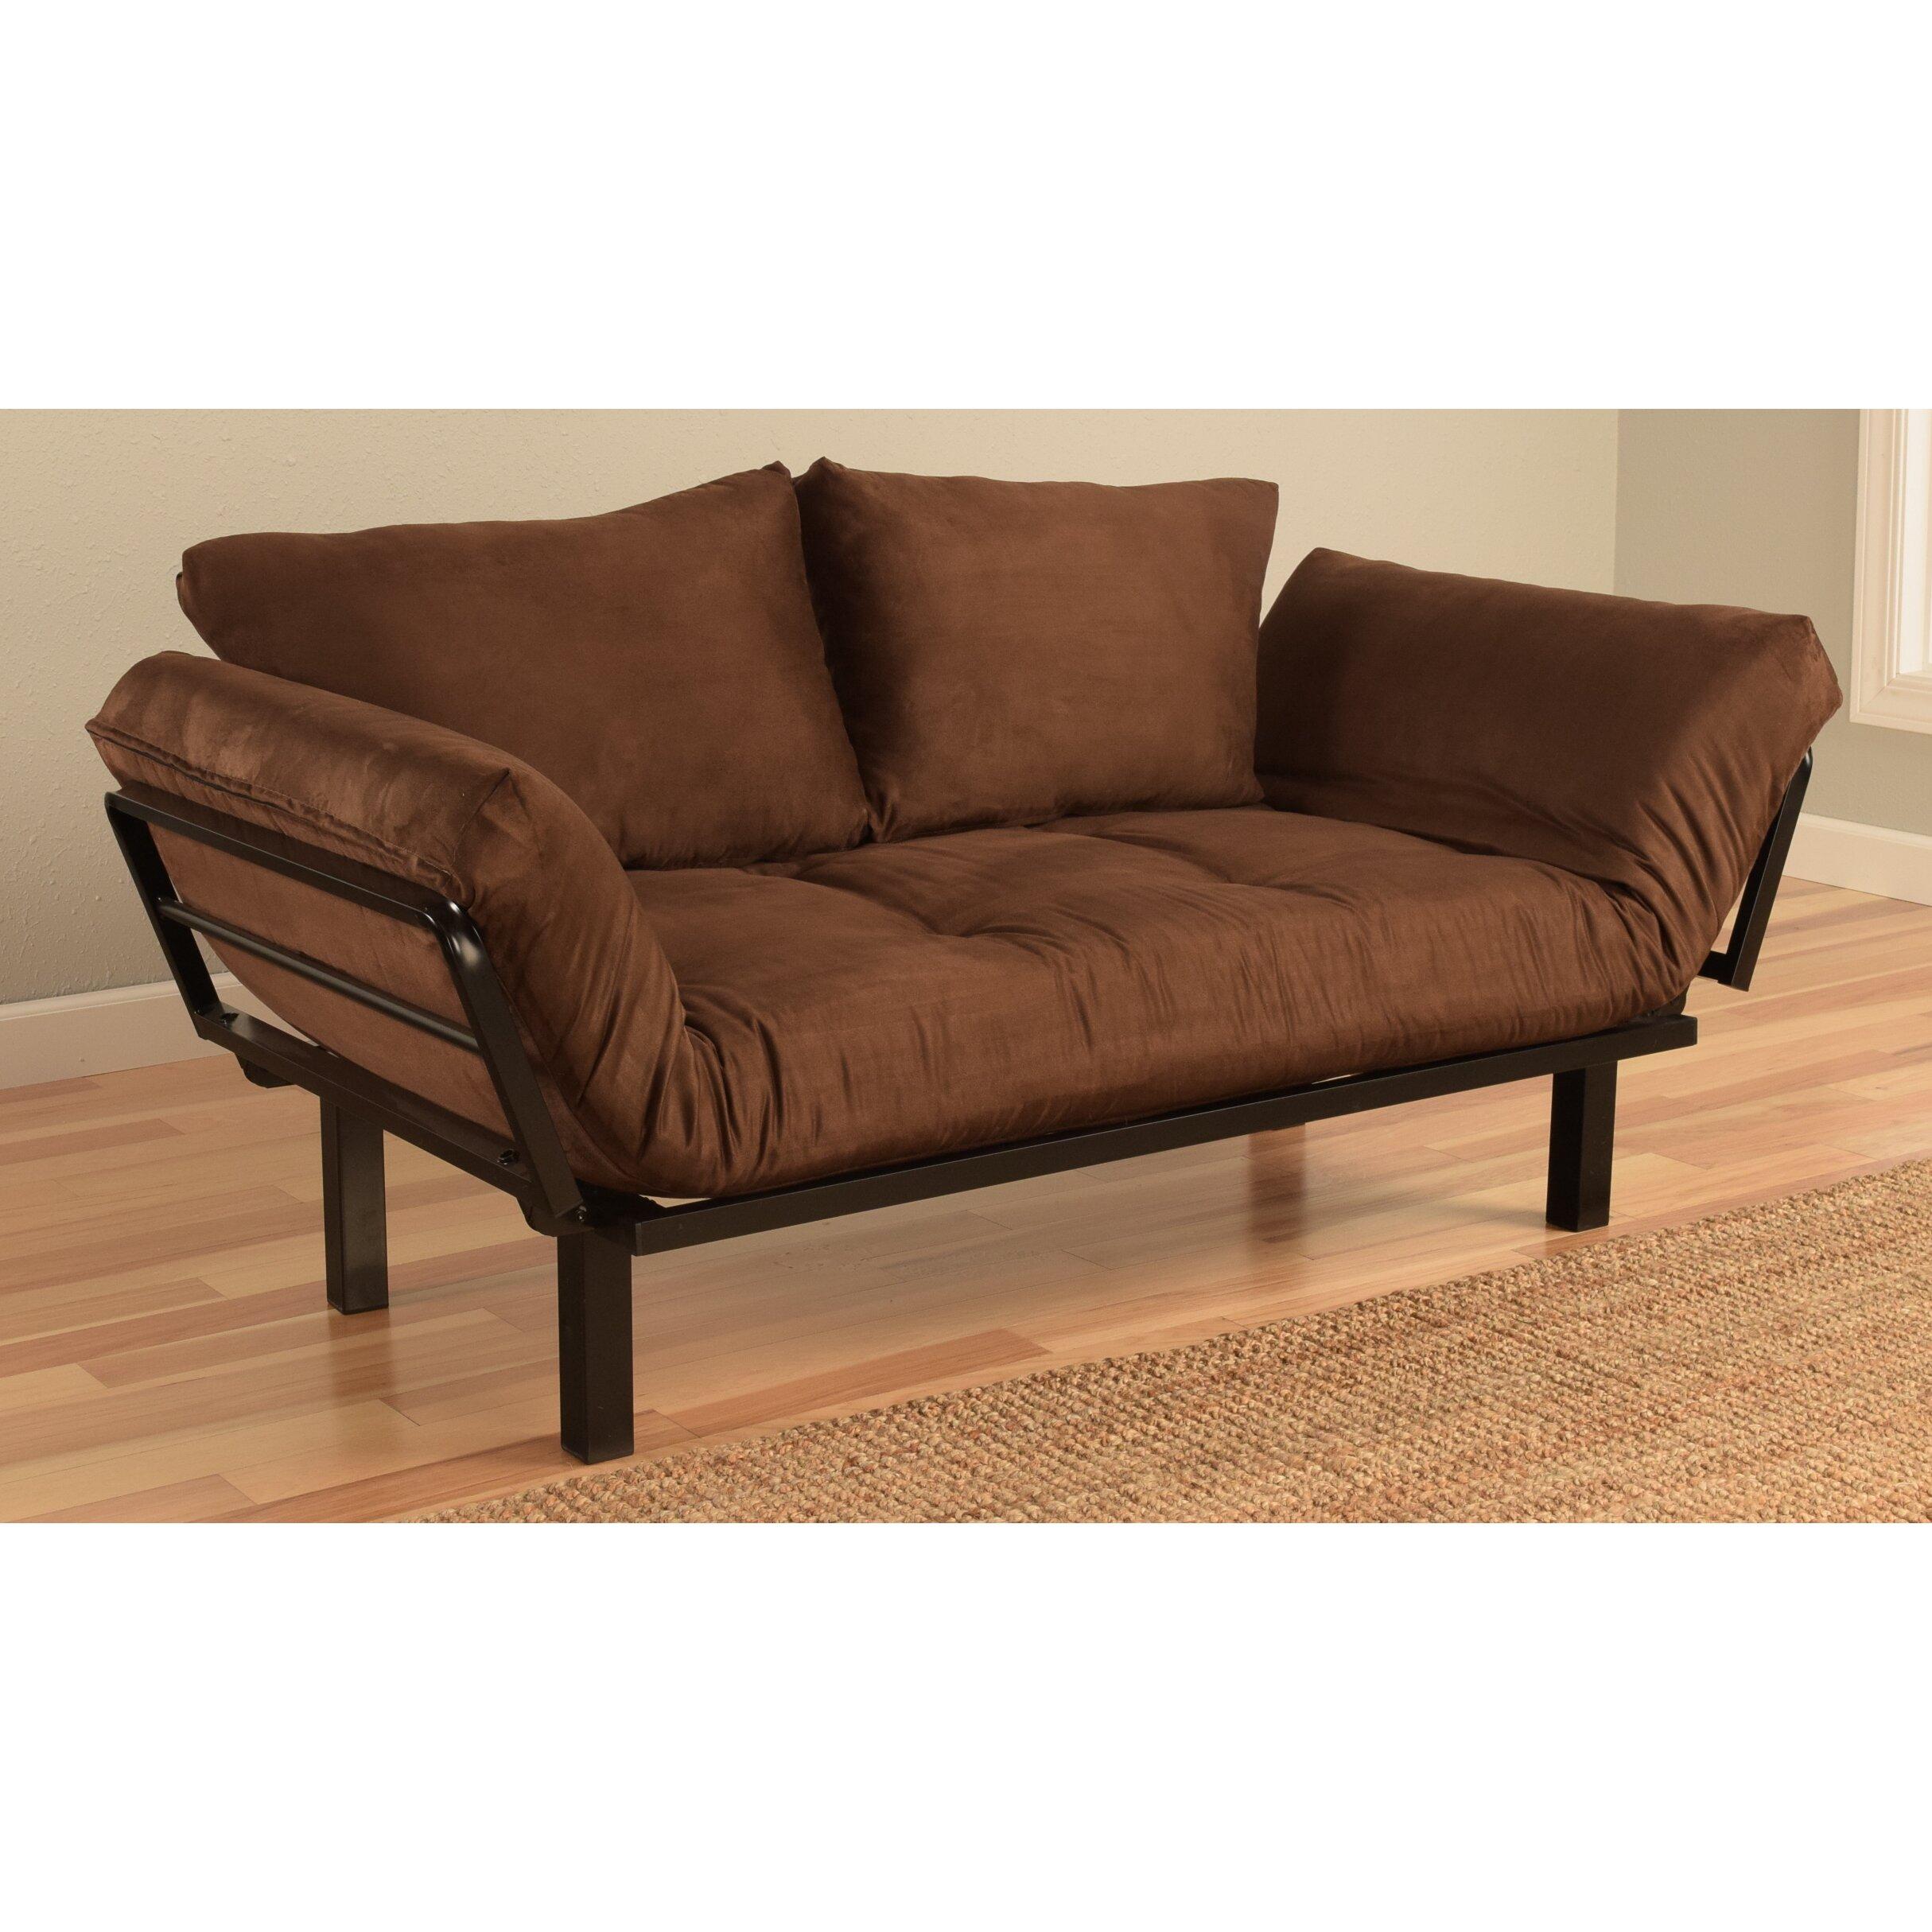 futon lounger Roselawnlutheran